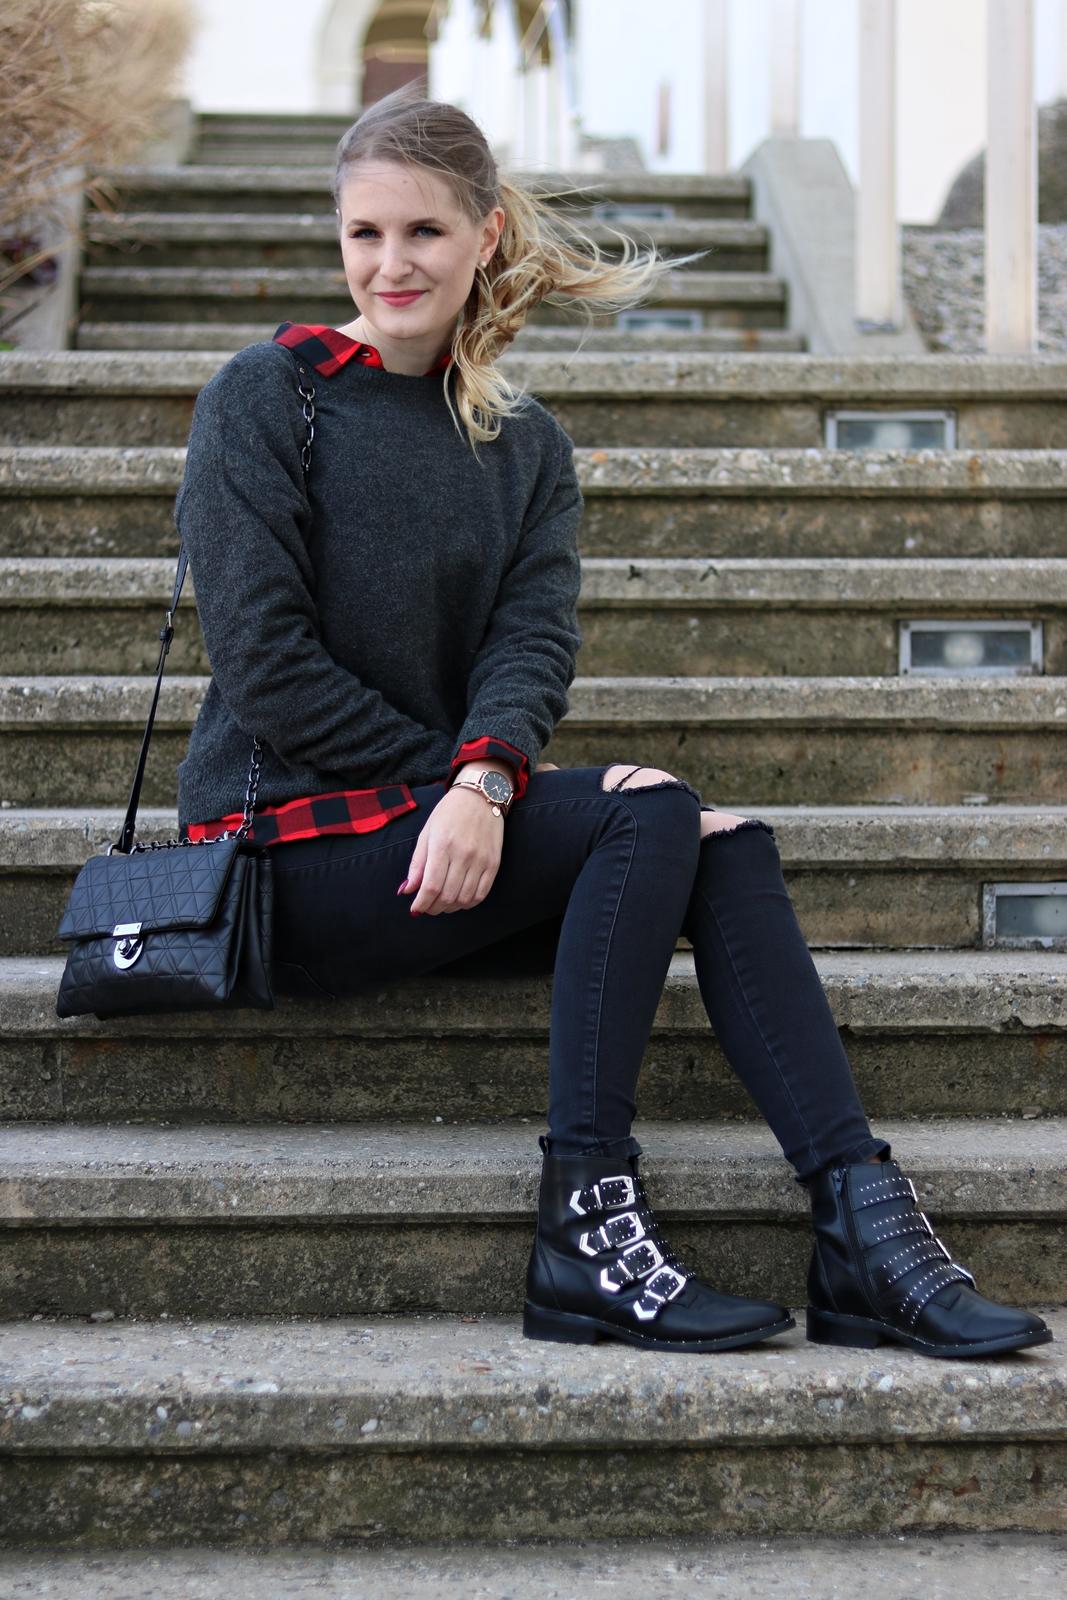 Modetrend Karo - Karohemd kombinieren - das Karo Hemd - Karo Trend Outfit - Street Style - Fashion - Style - Trends - Outfit Kombination - Mode Tipps - Karohemd, Pullover, Knee-Cut Jeans, Ellie Goulding Boots, Mango Tasche - Fashionladyloves by Tamara Wagner - Fashion Blog Mode Blog aus Graz Österreich